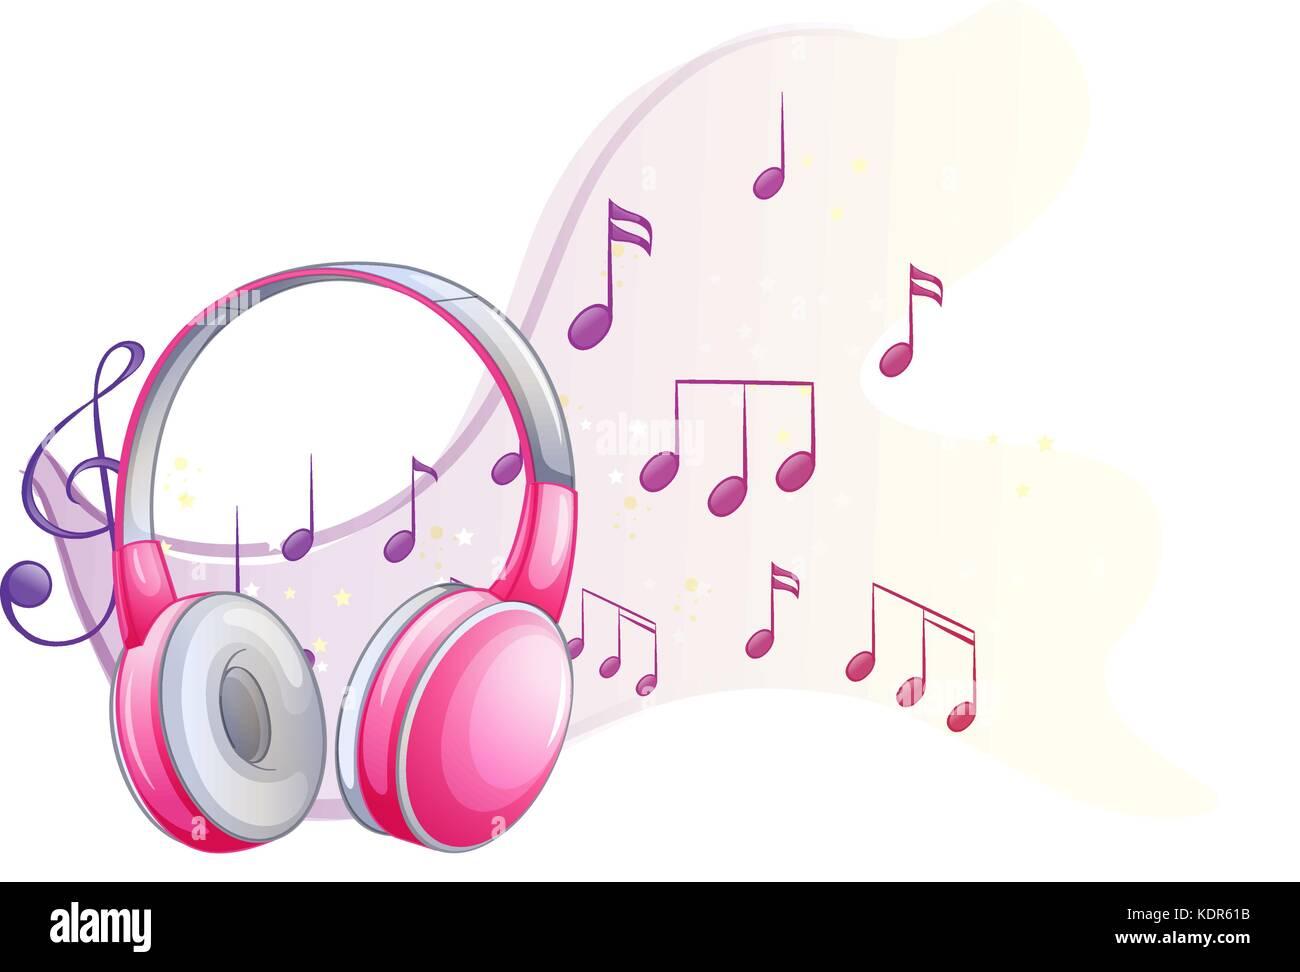 Auriculares De Color Rosa Con Notas Musicales En Ilustración De